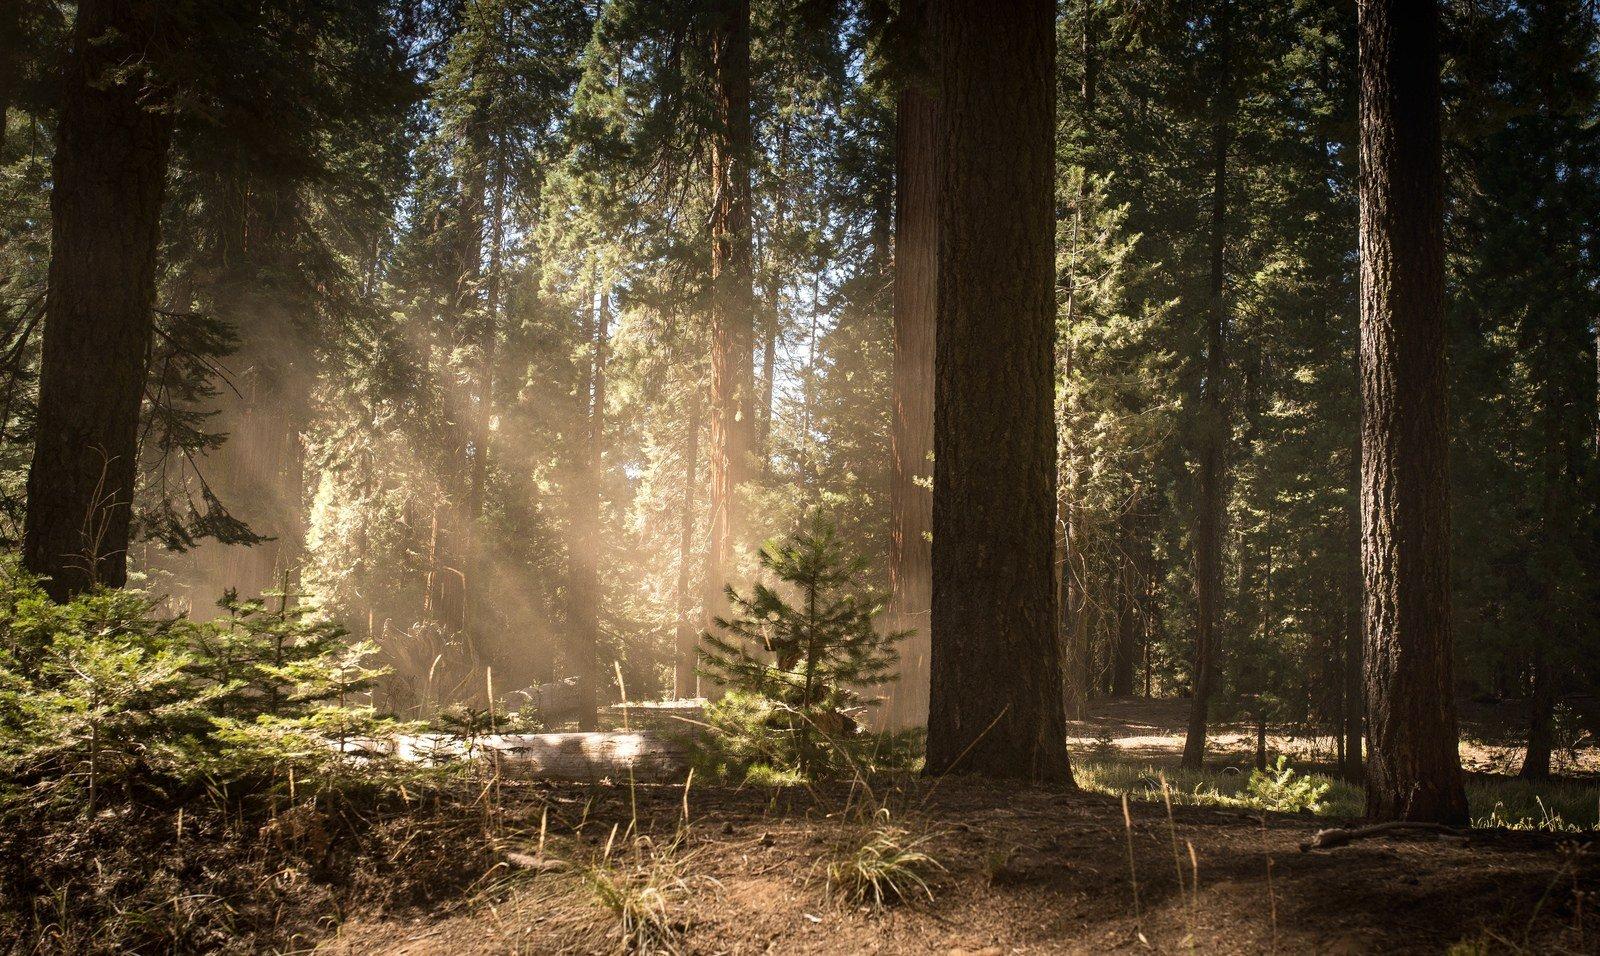 sequoia national park et sa for t de s quoias g ants en californie. Black Bedroom Furniture Sets. Home Design Ideas